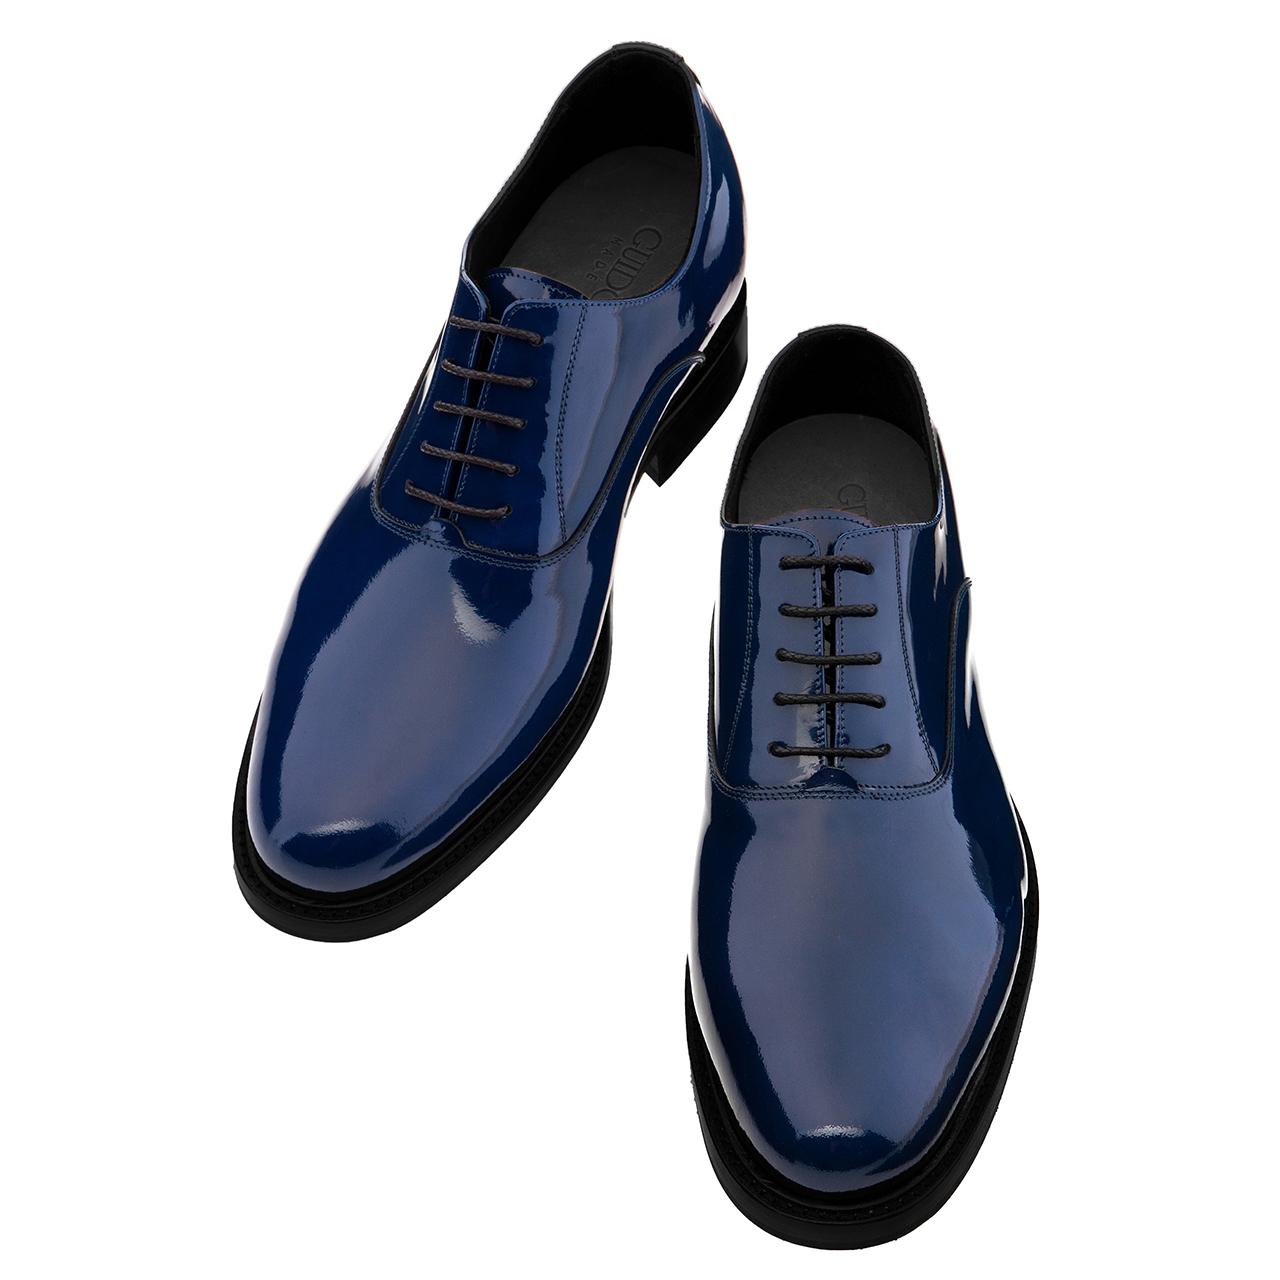 Scarpe Per Matrimonio Uomo : Acquista scarpe da uomo off sconti